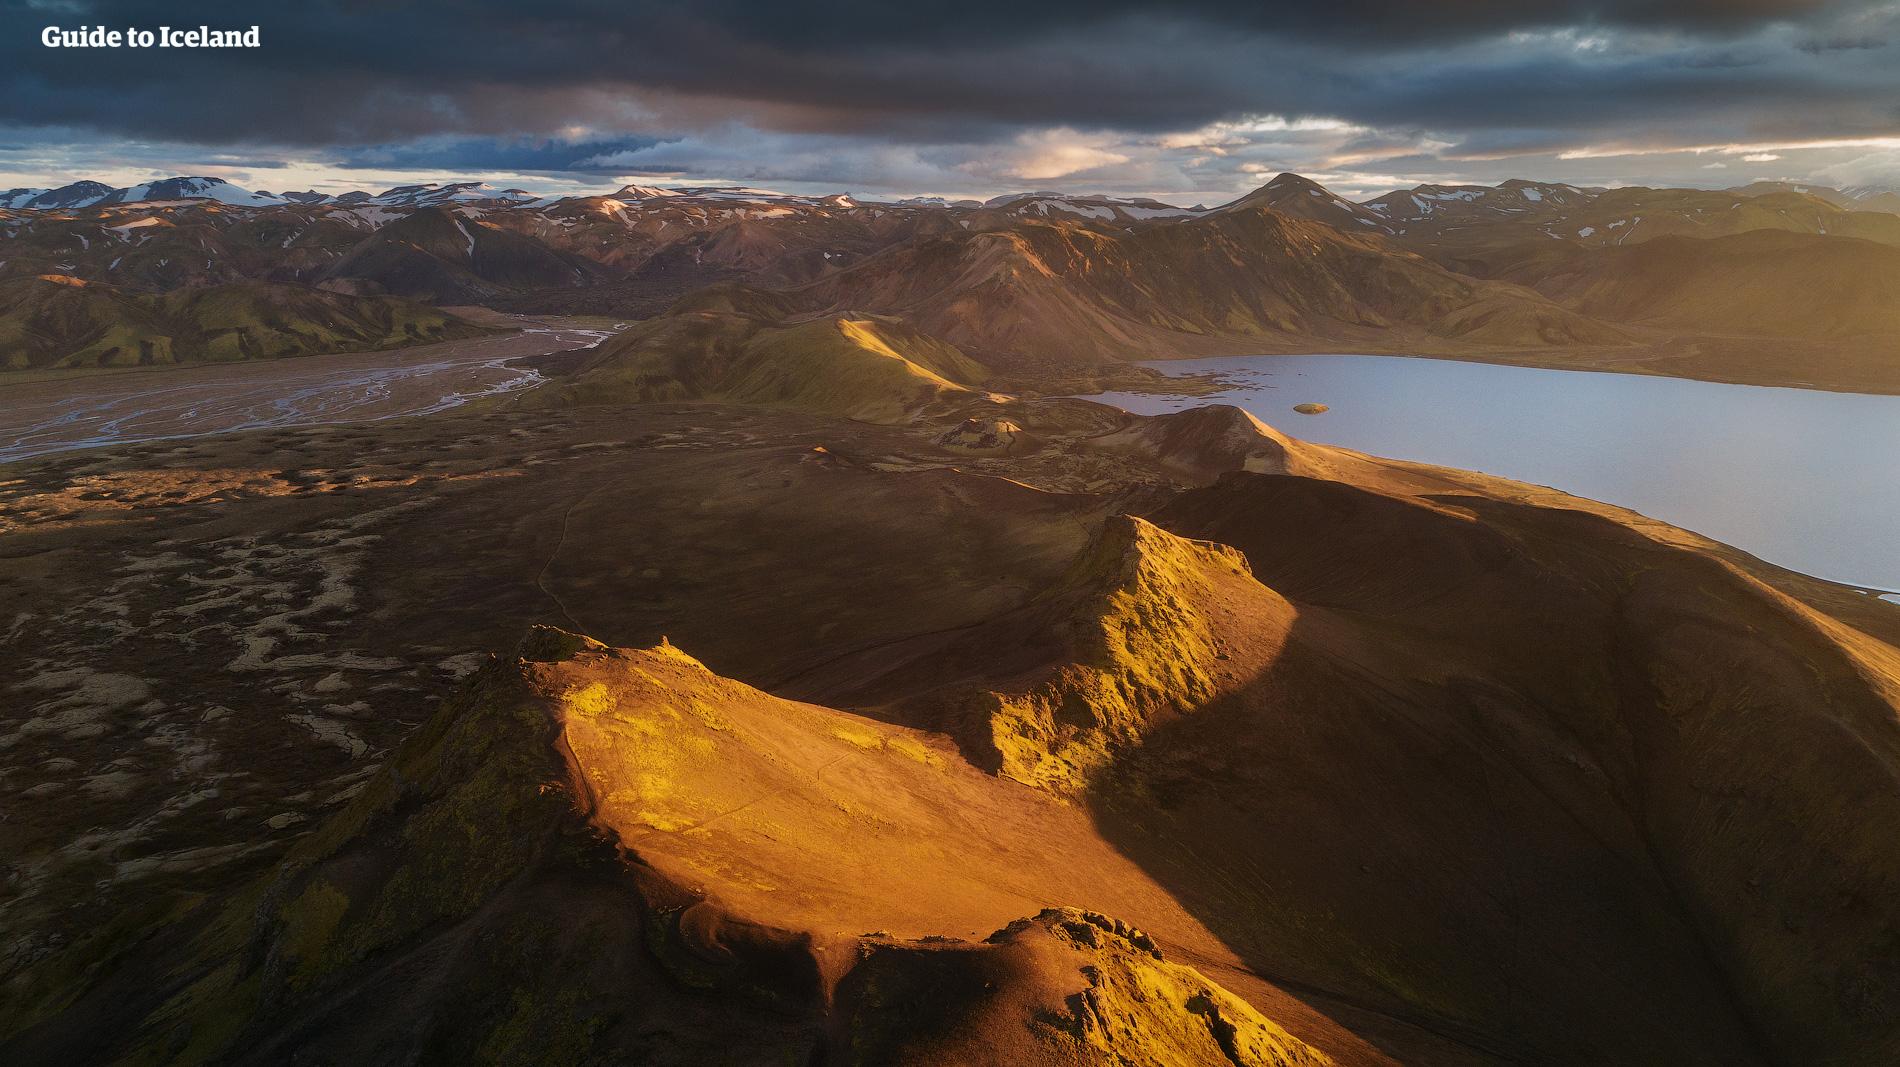 冰岛内陆高地的起伏山脉